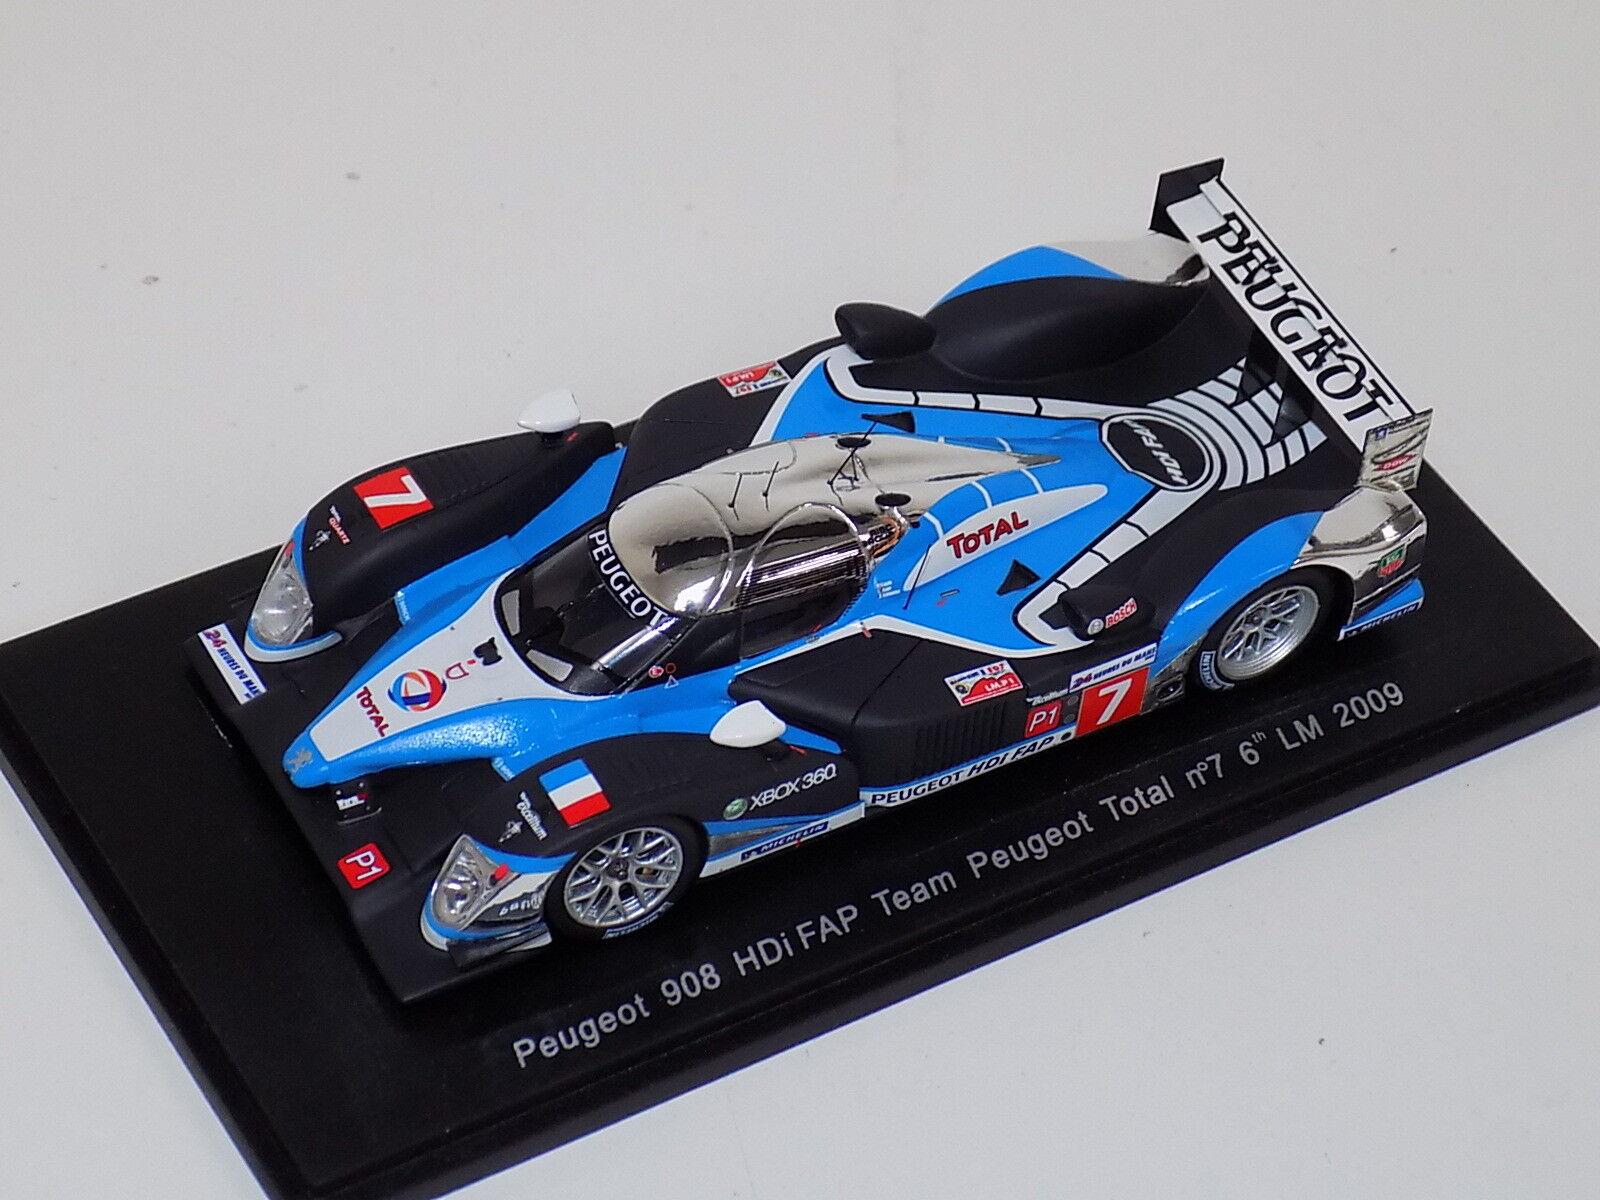 1/43 Spark Peugeot 908 HDi FAP coche 7 6th en 2018 24 H de Le Mans S1288